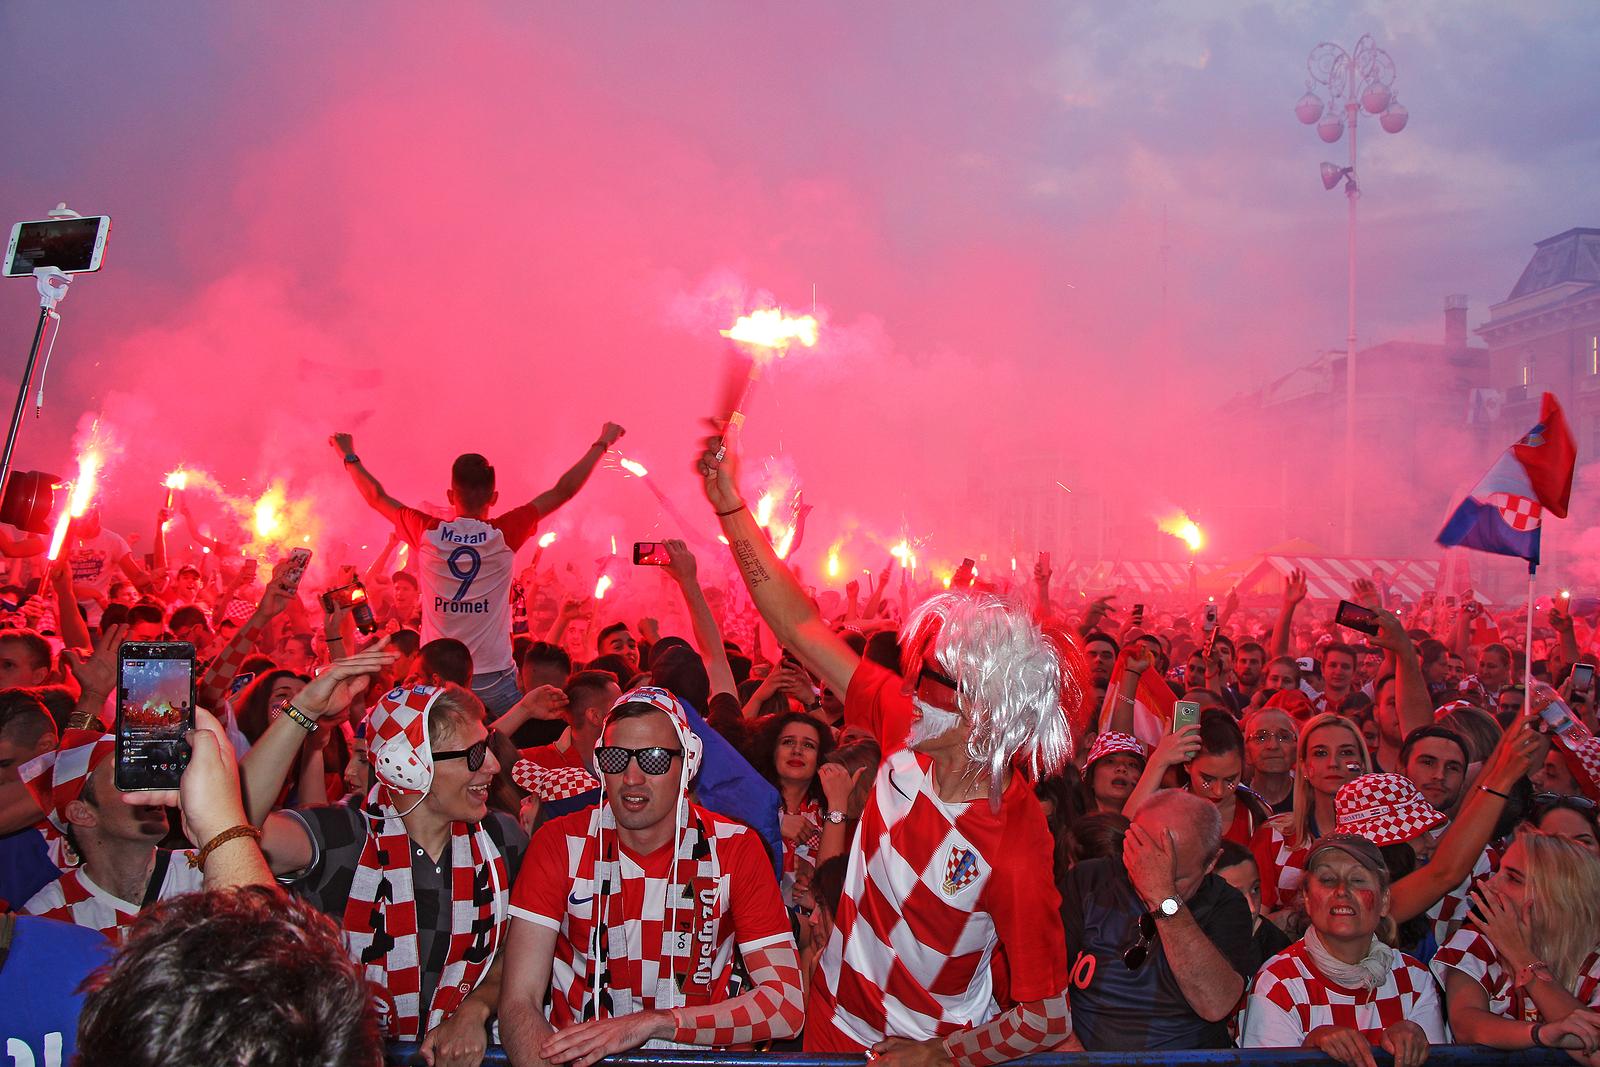 Croatia fans in 2018